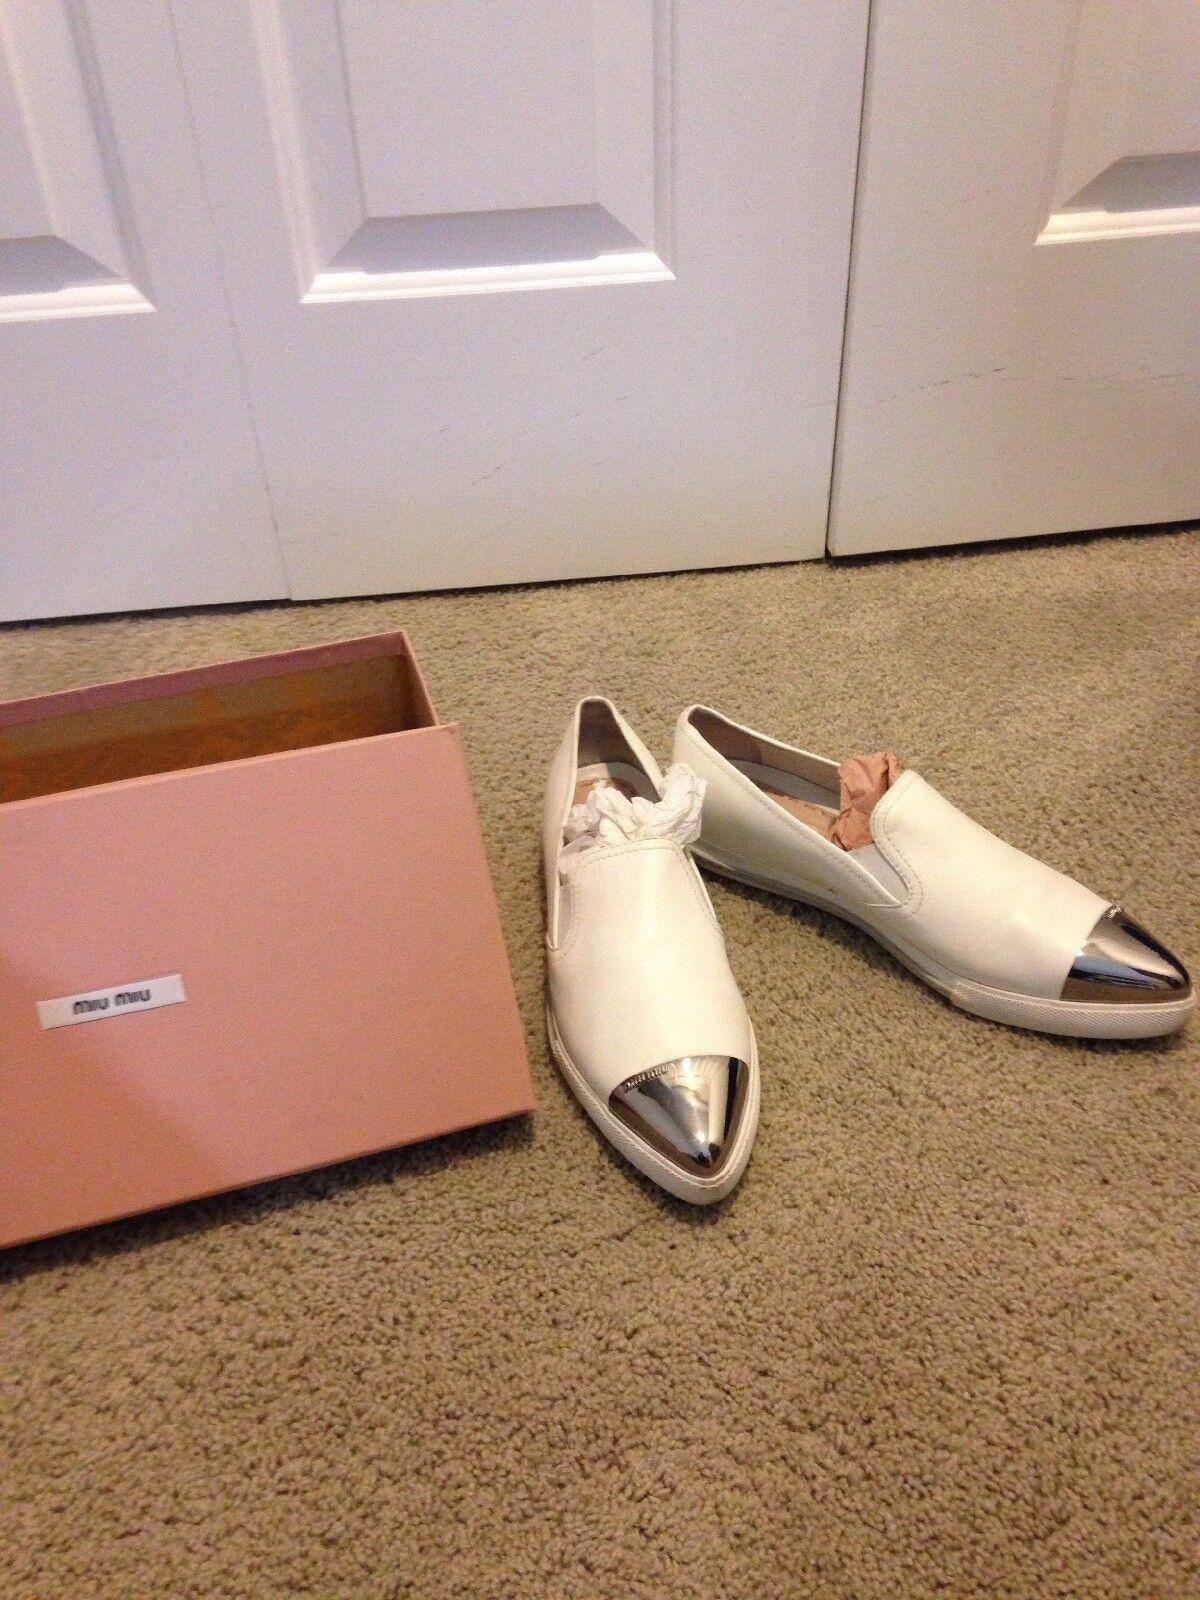 Miu Miu Nappa 3 Calzature women Women's shoes White Flats With Box